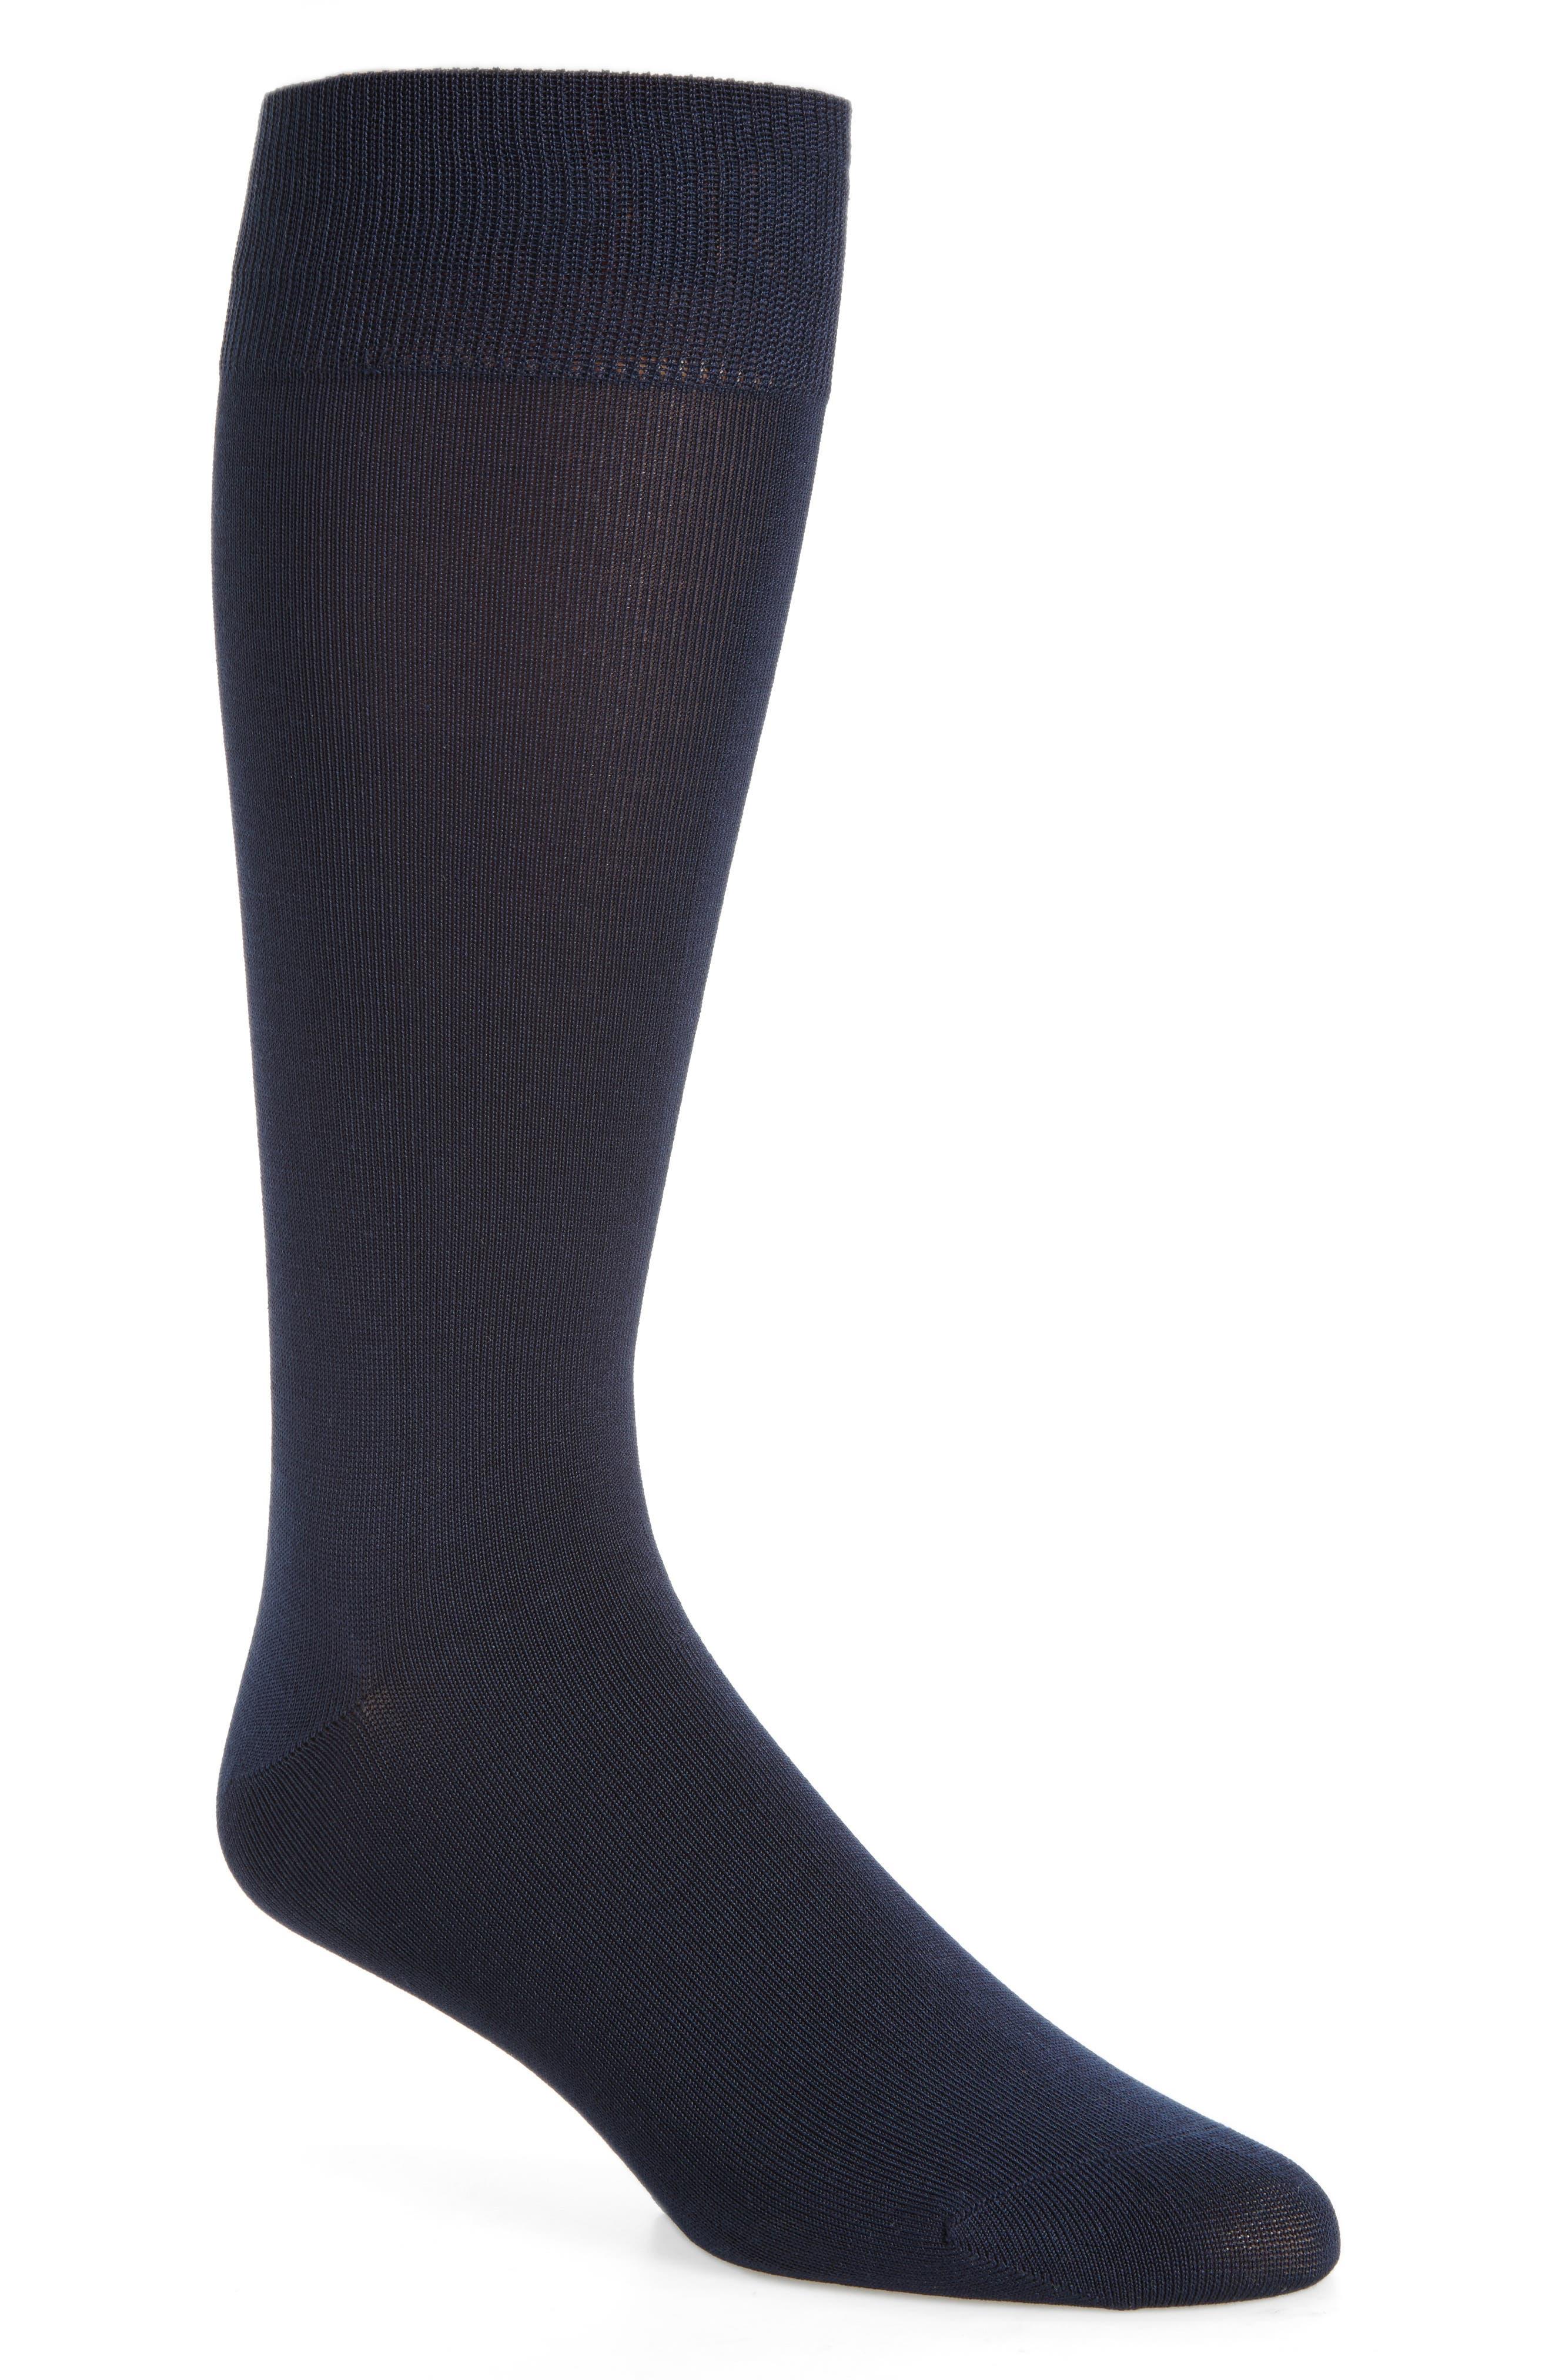 Alternate Image 1 Selected - John W. Nordstrom® Domino Socks